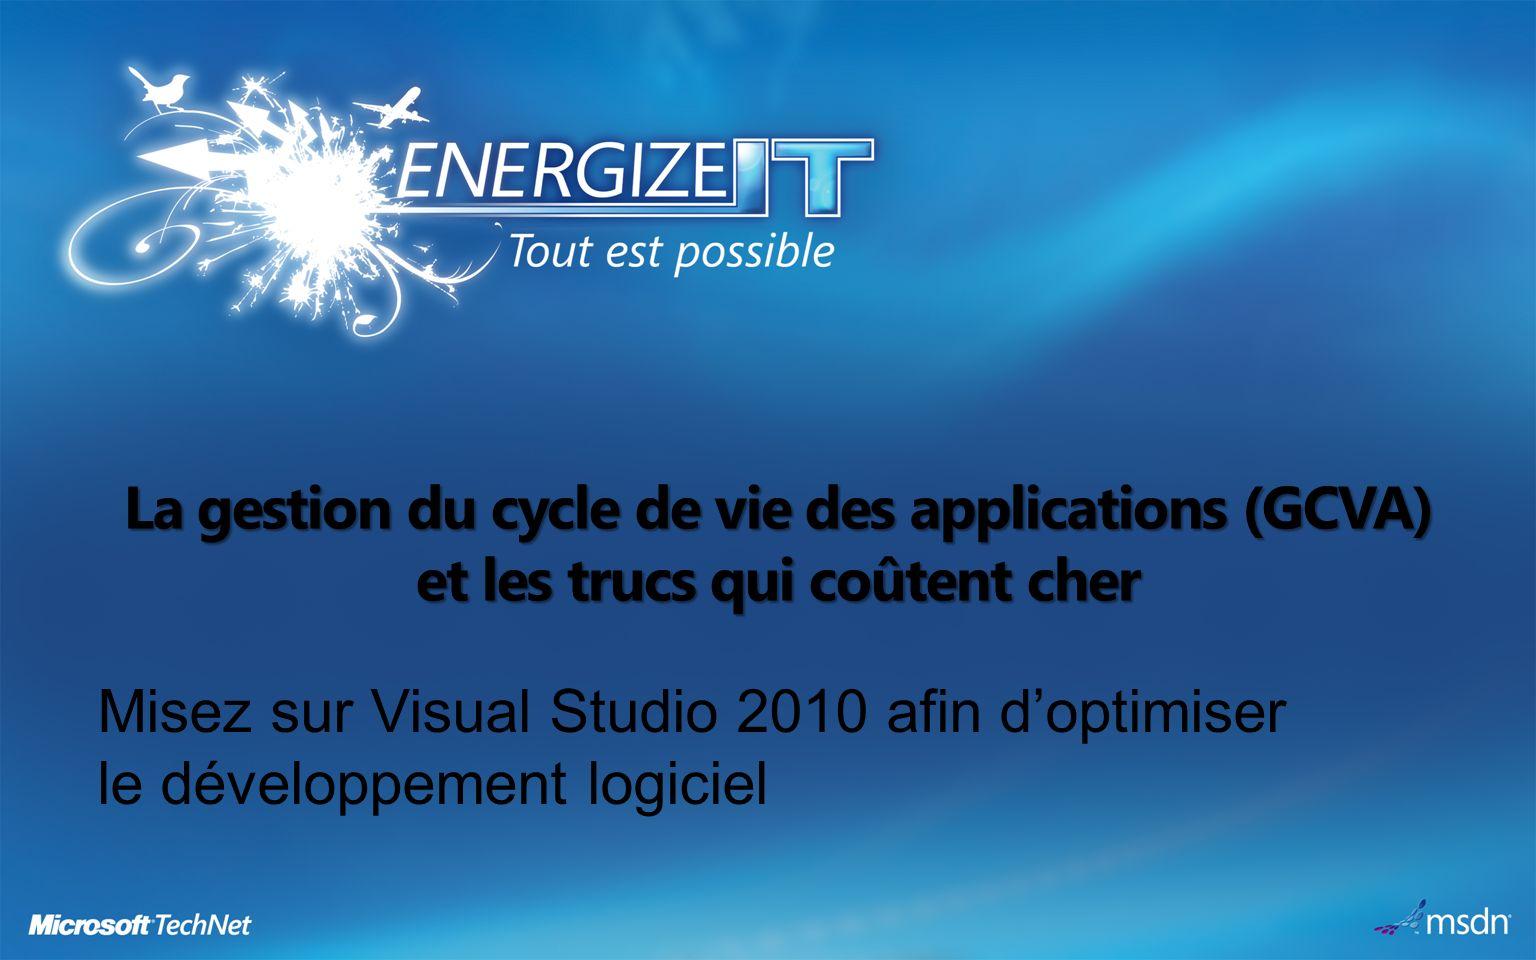 La gestion du cycle de vie des applications (GCVA) et les trucs qui coûtent cher Misez sur Visual Studio 2010 afin doptimiser le développement logiciel